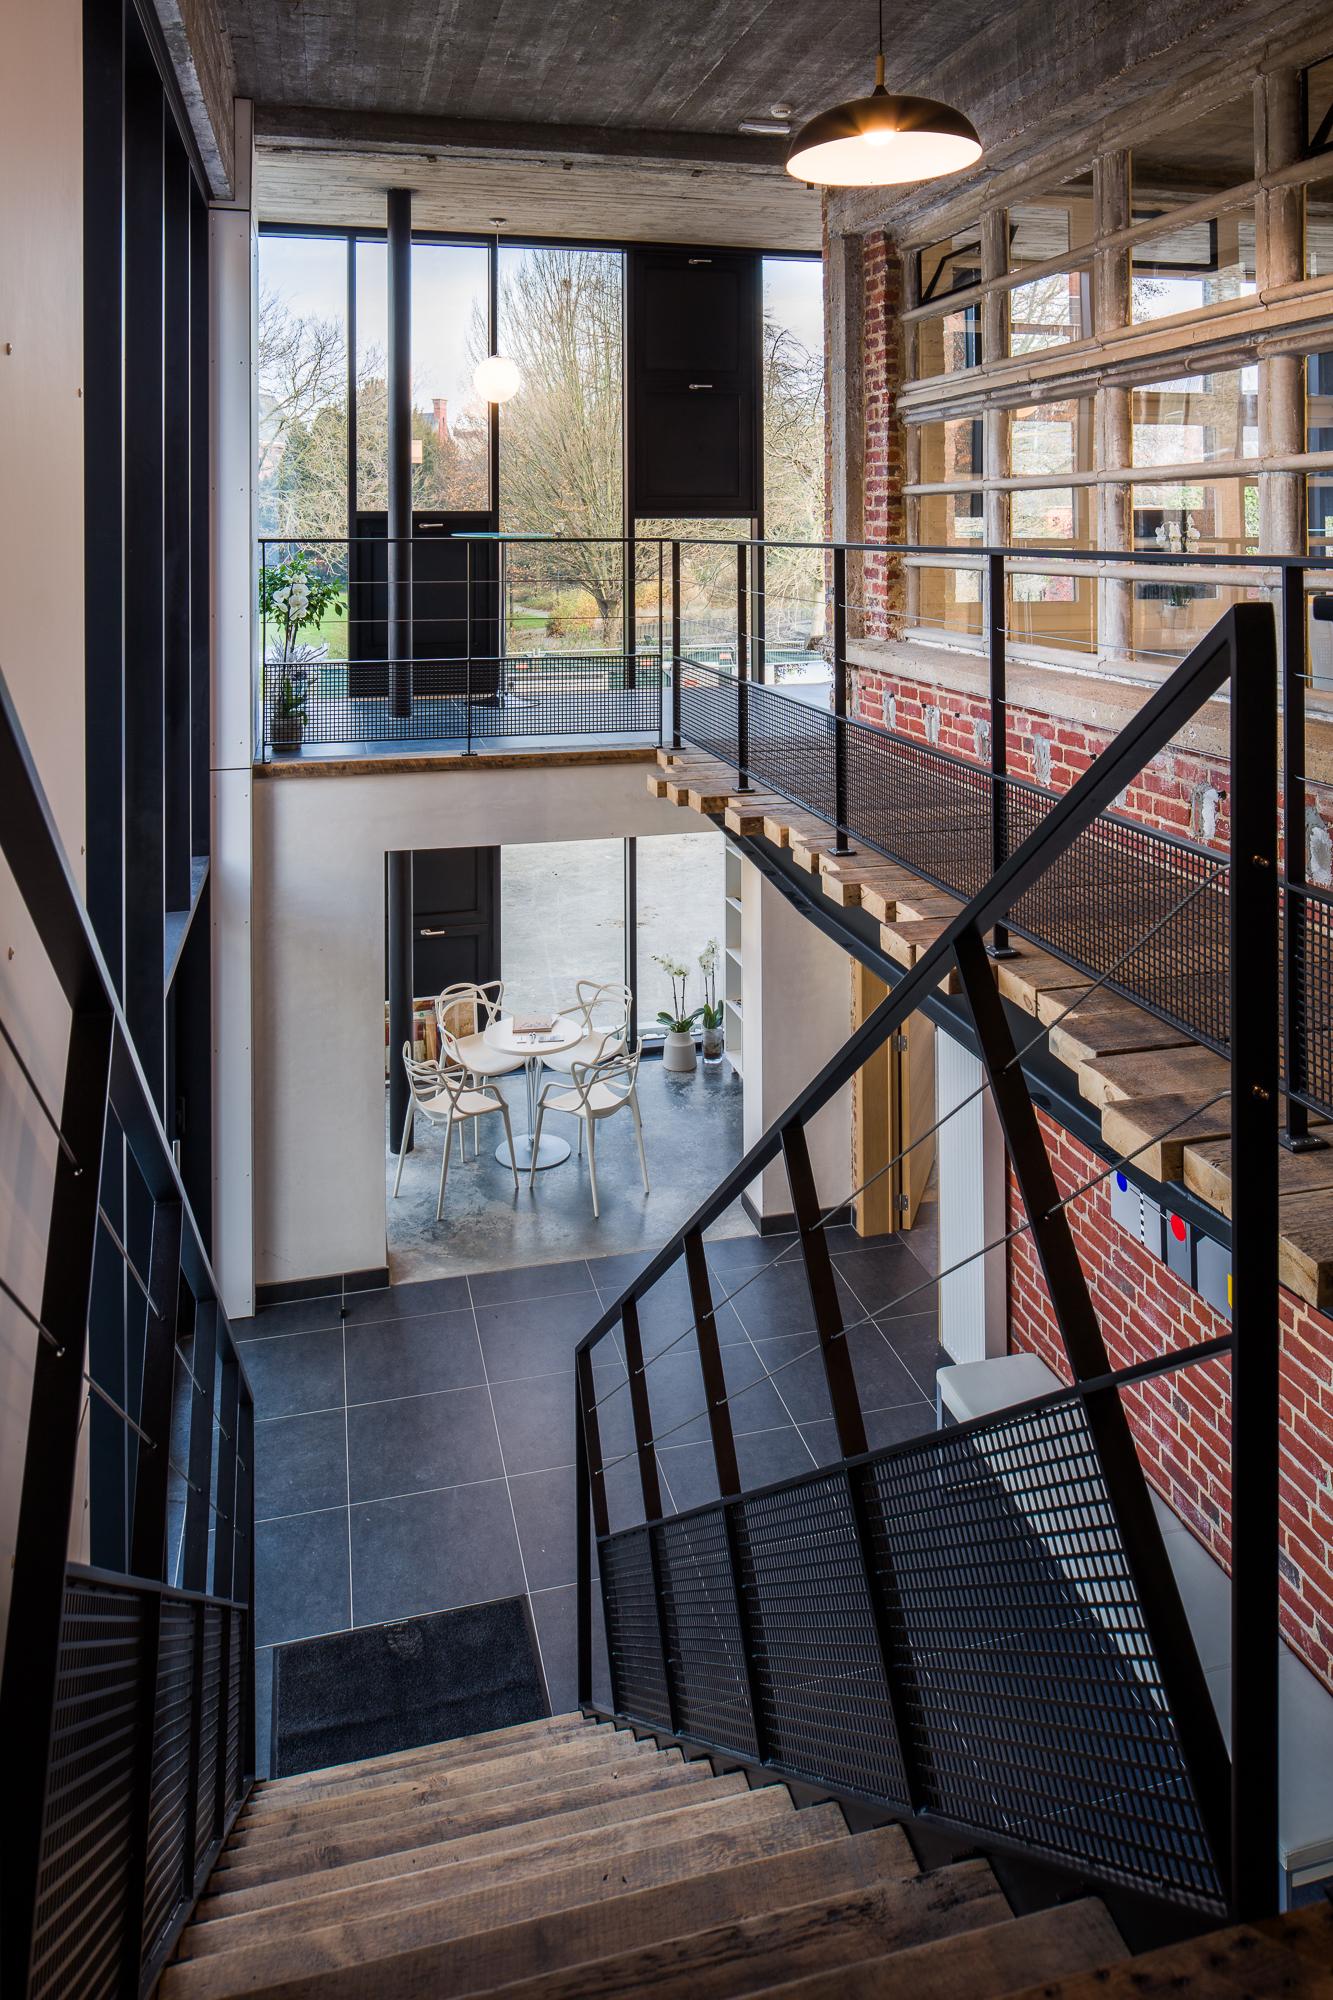 Architectuur - gebouw - open ruimte